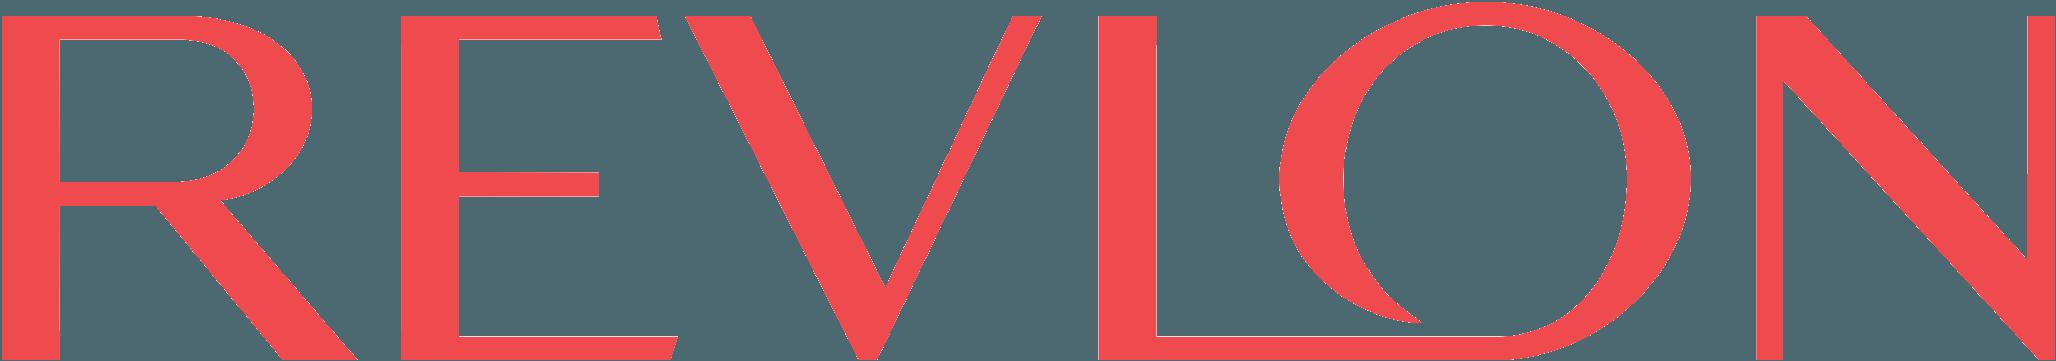 revlon logo vector eps free download logo icons clipart rh freelogovectors net revlon logo vector download revlon logo font